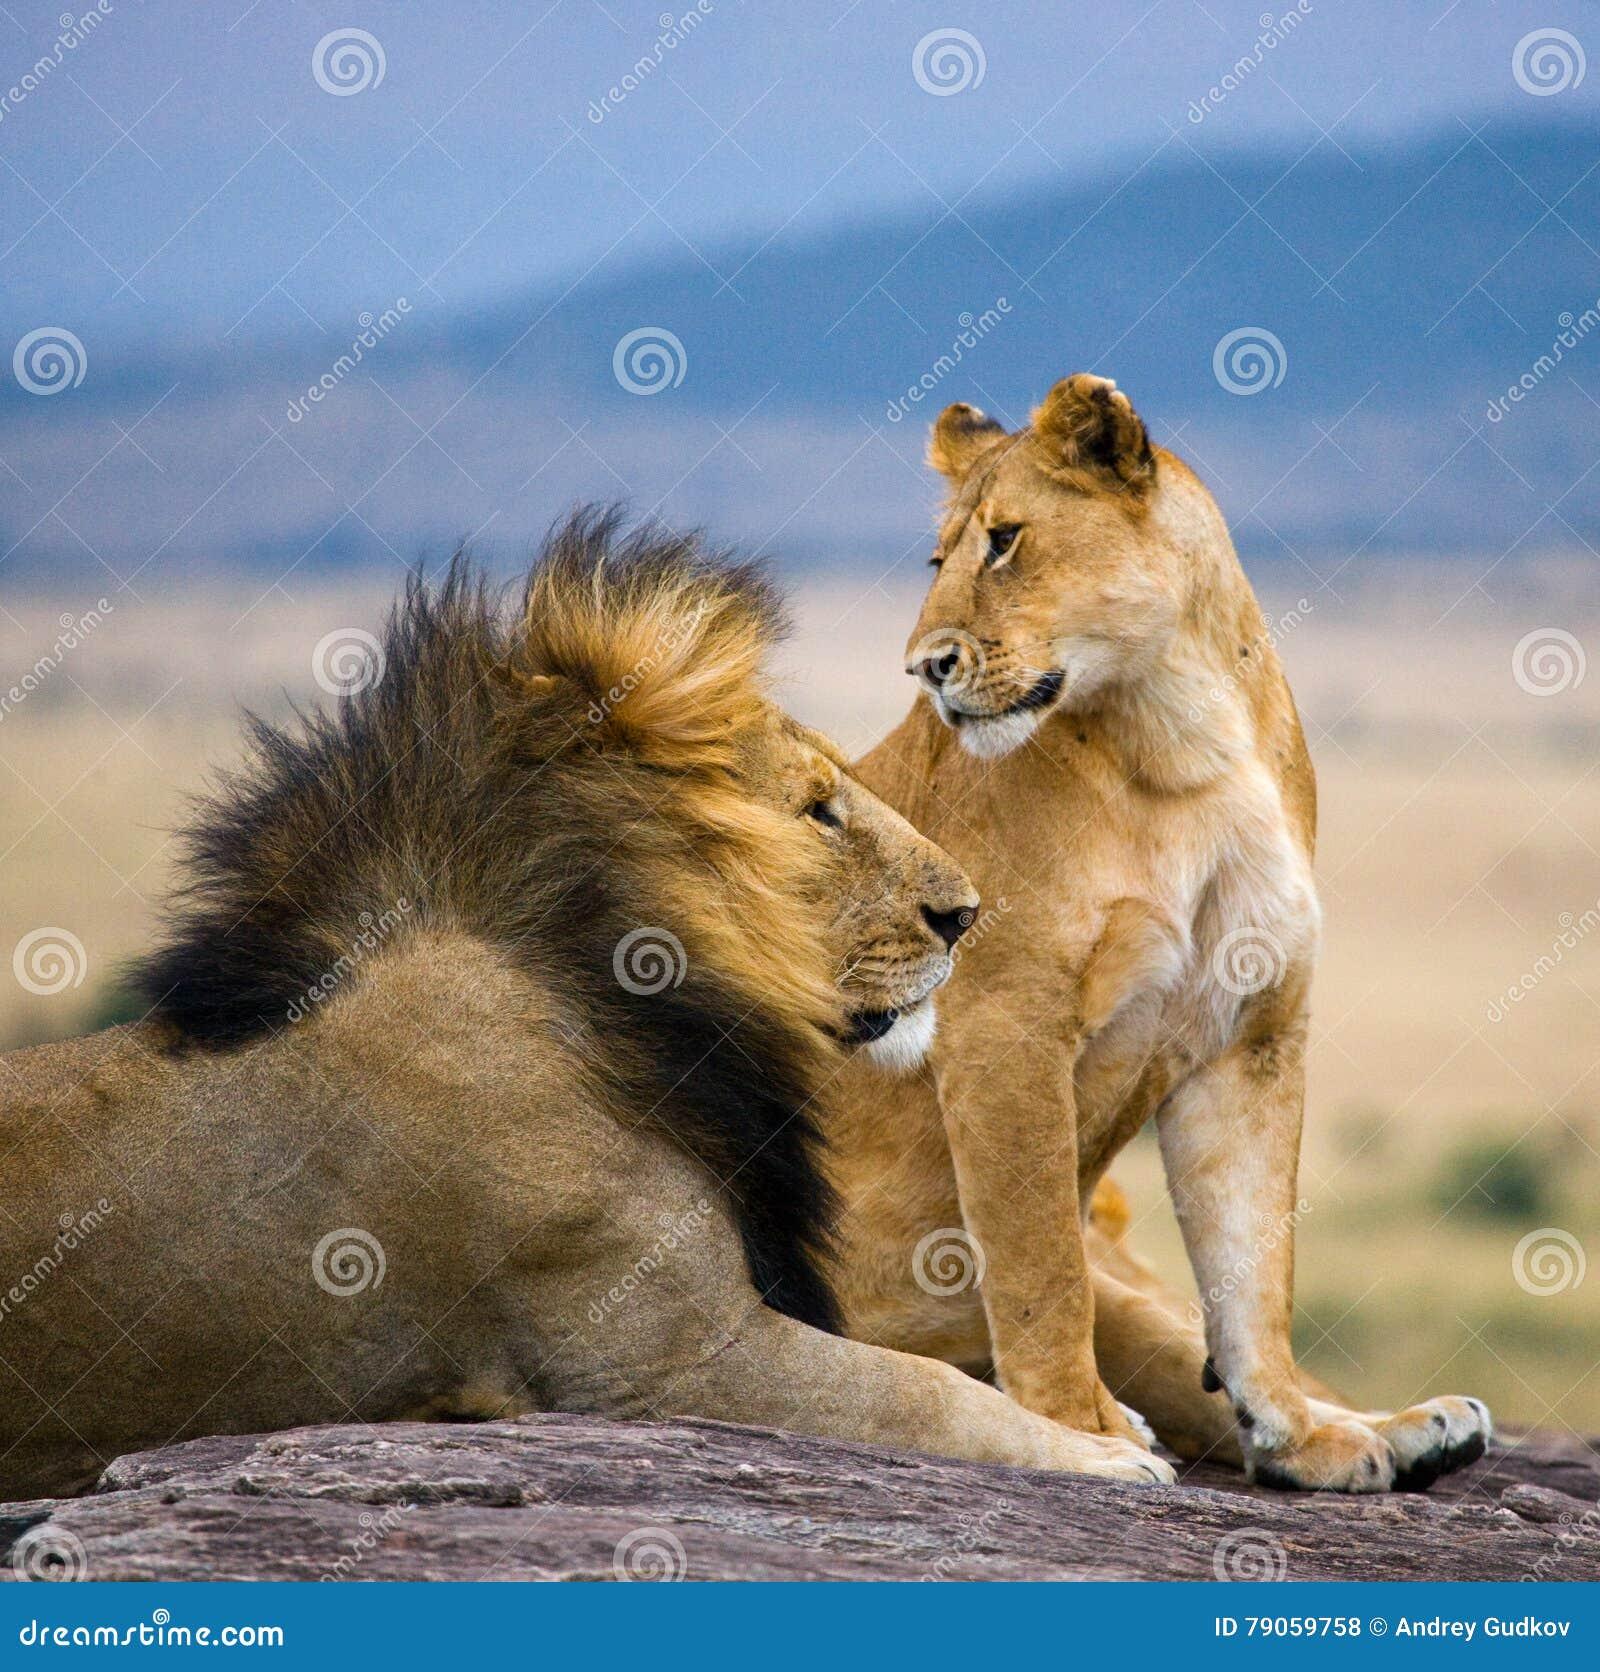 与华美的鬃毛和雌狮的大公狮子在一个大岩石 国家公园 肯尼亚 坦桑尼亚 mara马塞语 serengeti